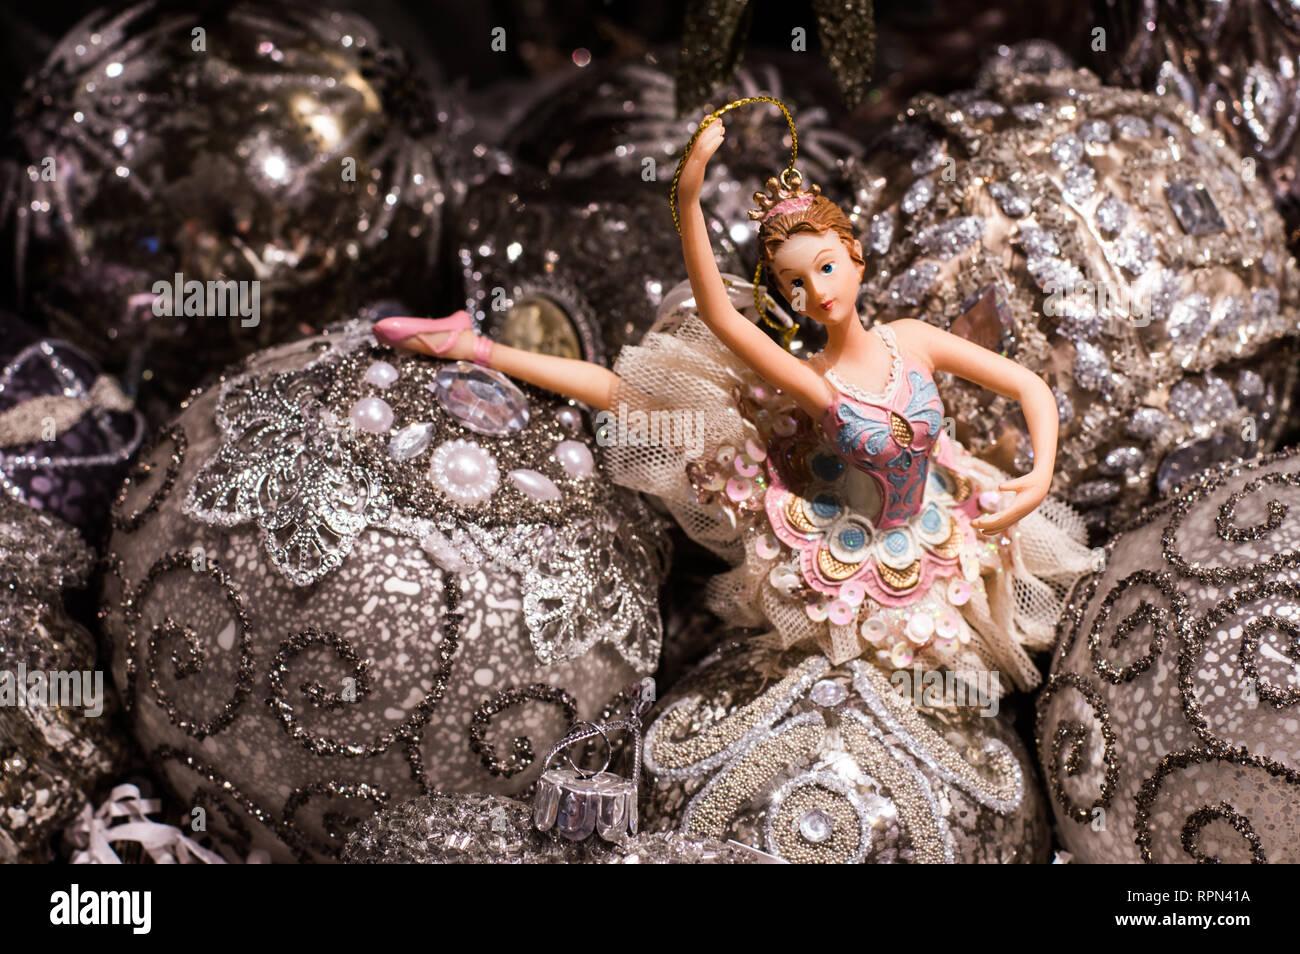 Decorazioni Natalizie Ballerine.Ballerina Decorazioni Natalizie Il Tutto In Un Colore E Sfondo